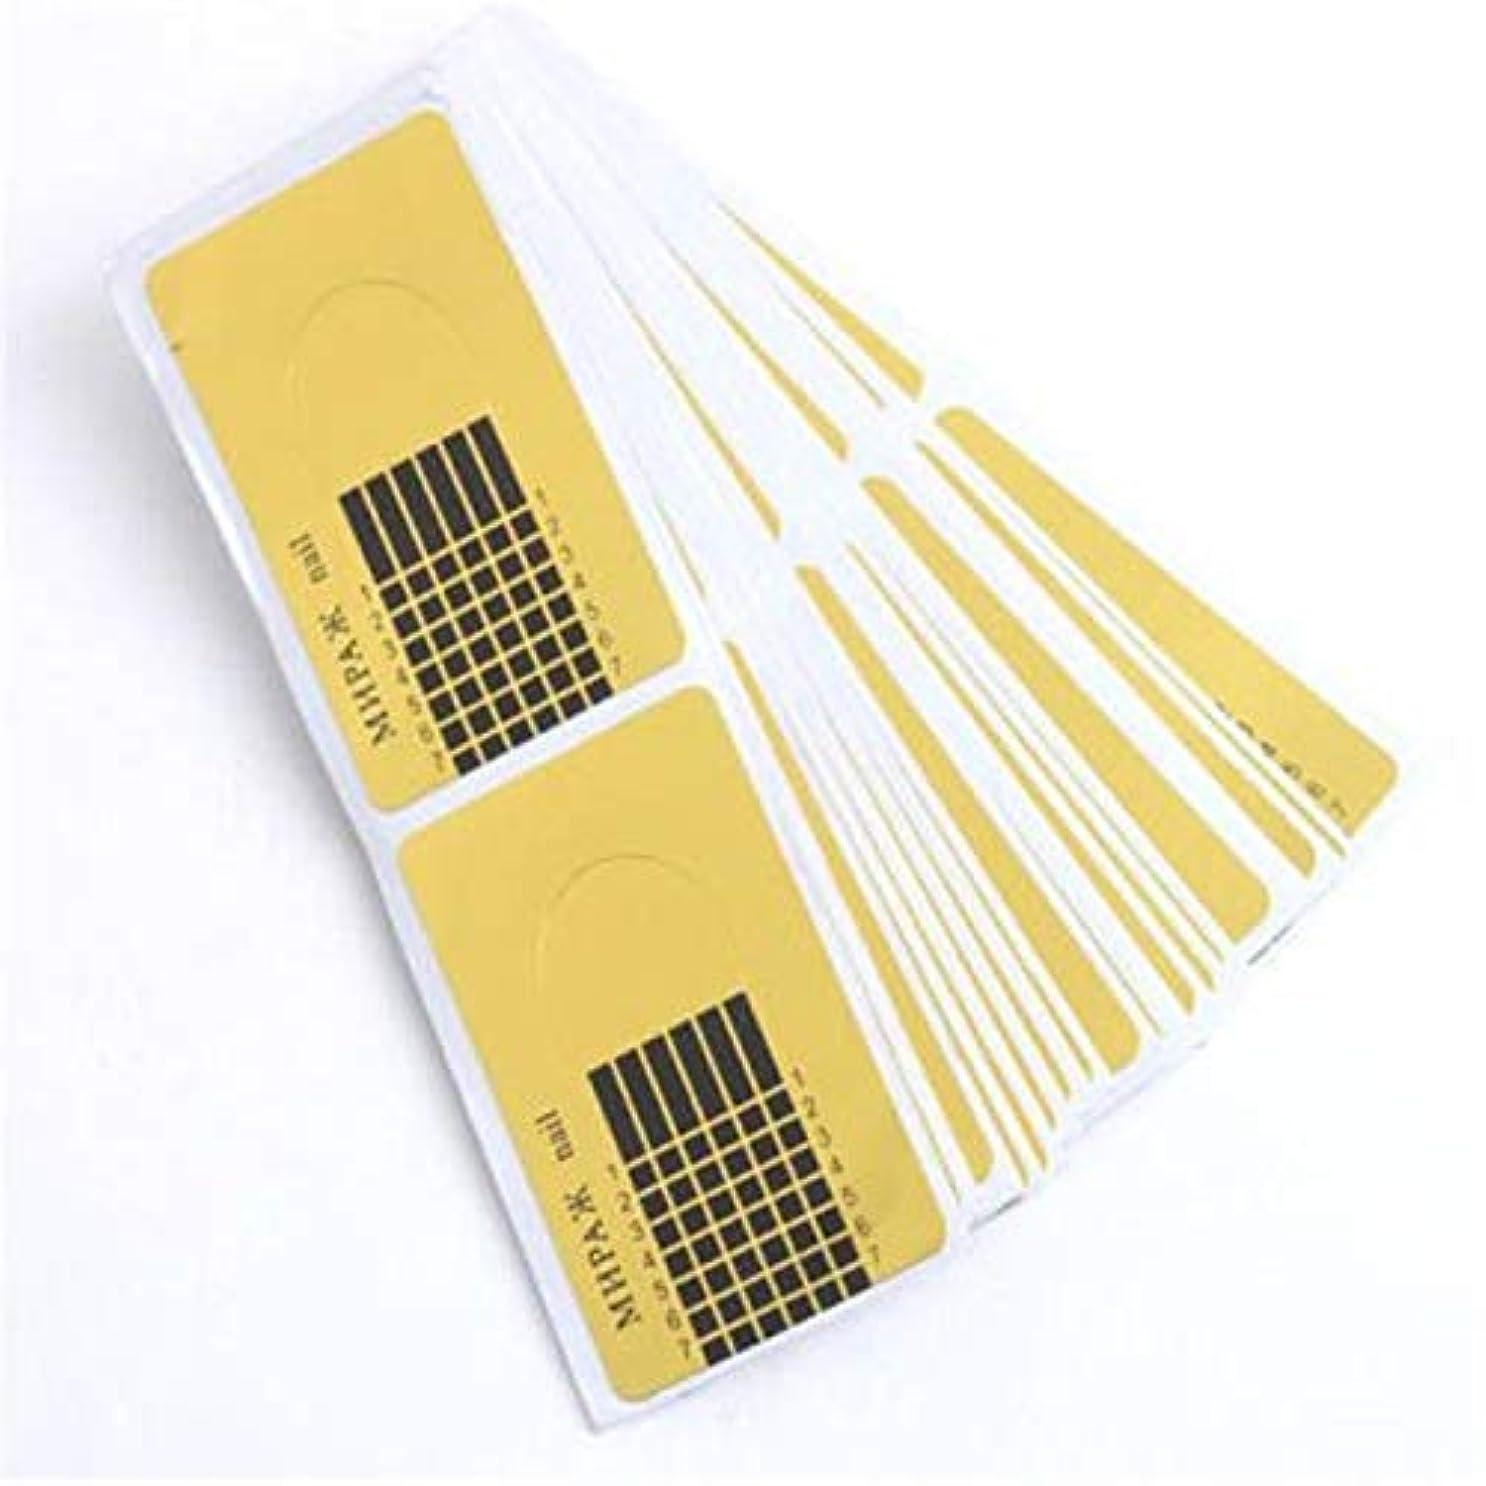 親指習慣デッキOU-Kunmlef 魅力的なデザイン100個新しいコンセプトゴールド昆虫タイプ指トリートメント(None golden)